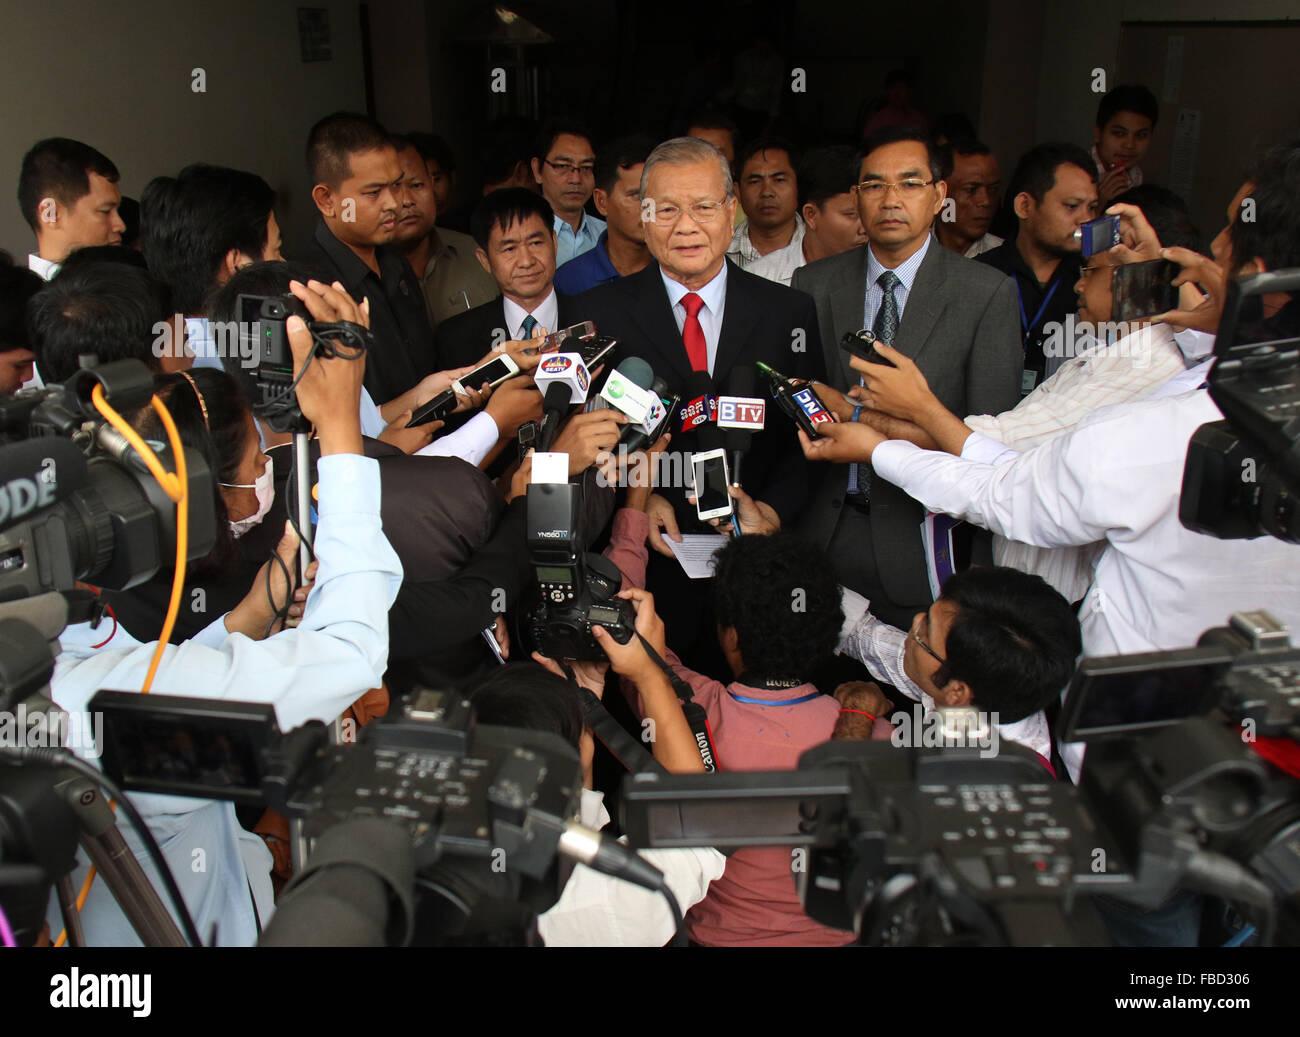 (160115) -- PHNOM PENH, 15 janvier 2016 (Xinhua) -- Sik Bunhok (C), Président de la nouvelle Commission électorale Photo Stock